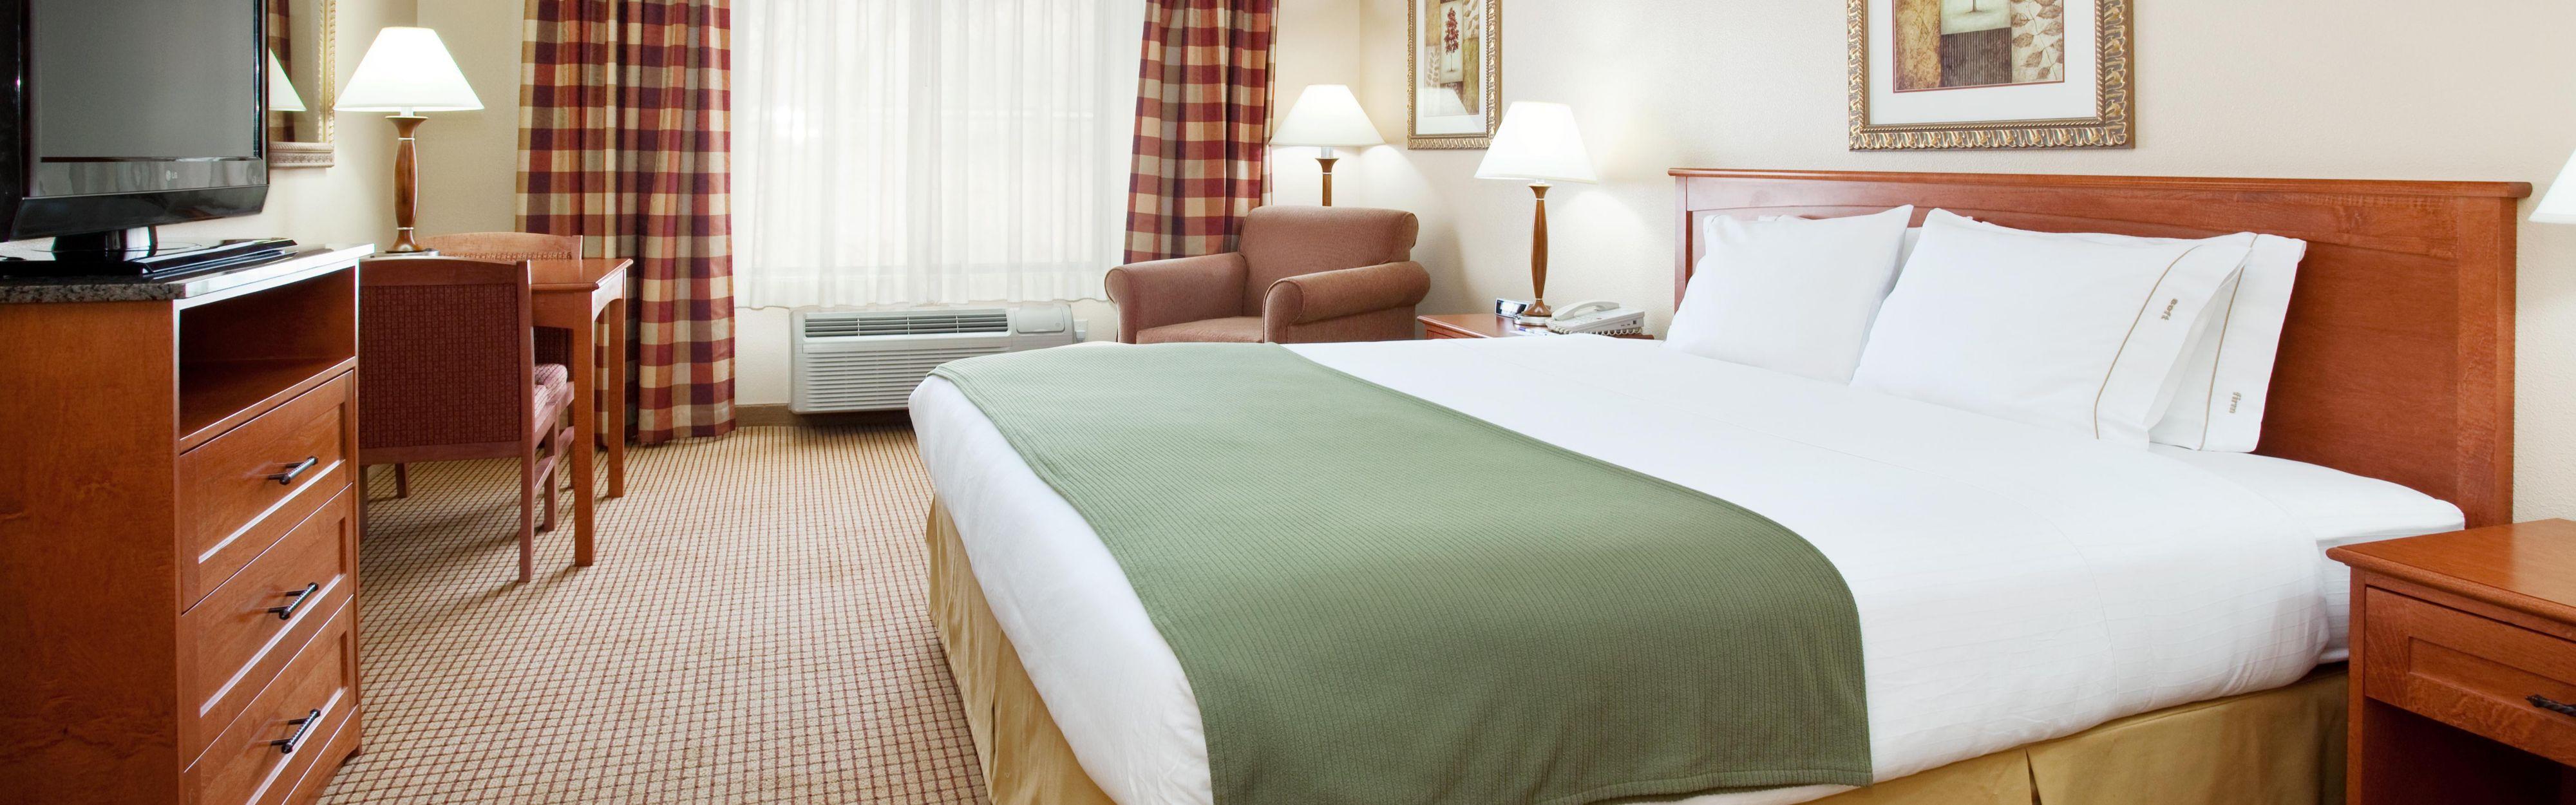 Holiday Inn Express Glenwood Springs (Aspen Area) image 1